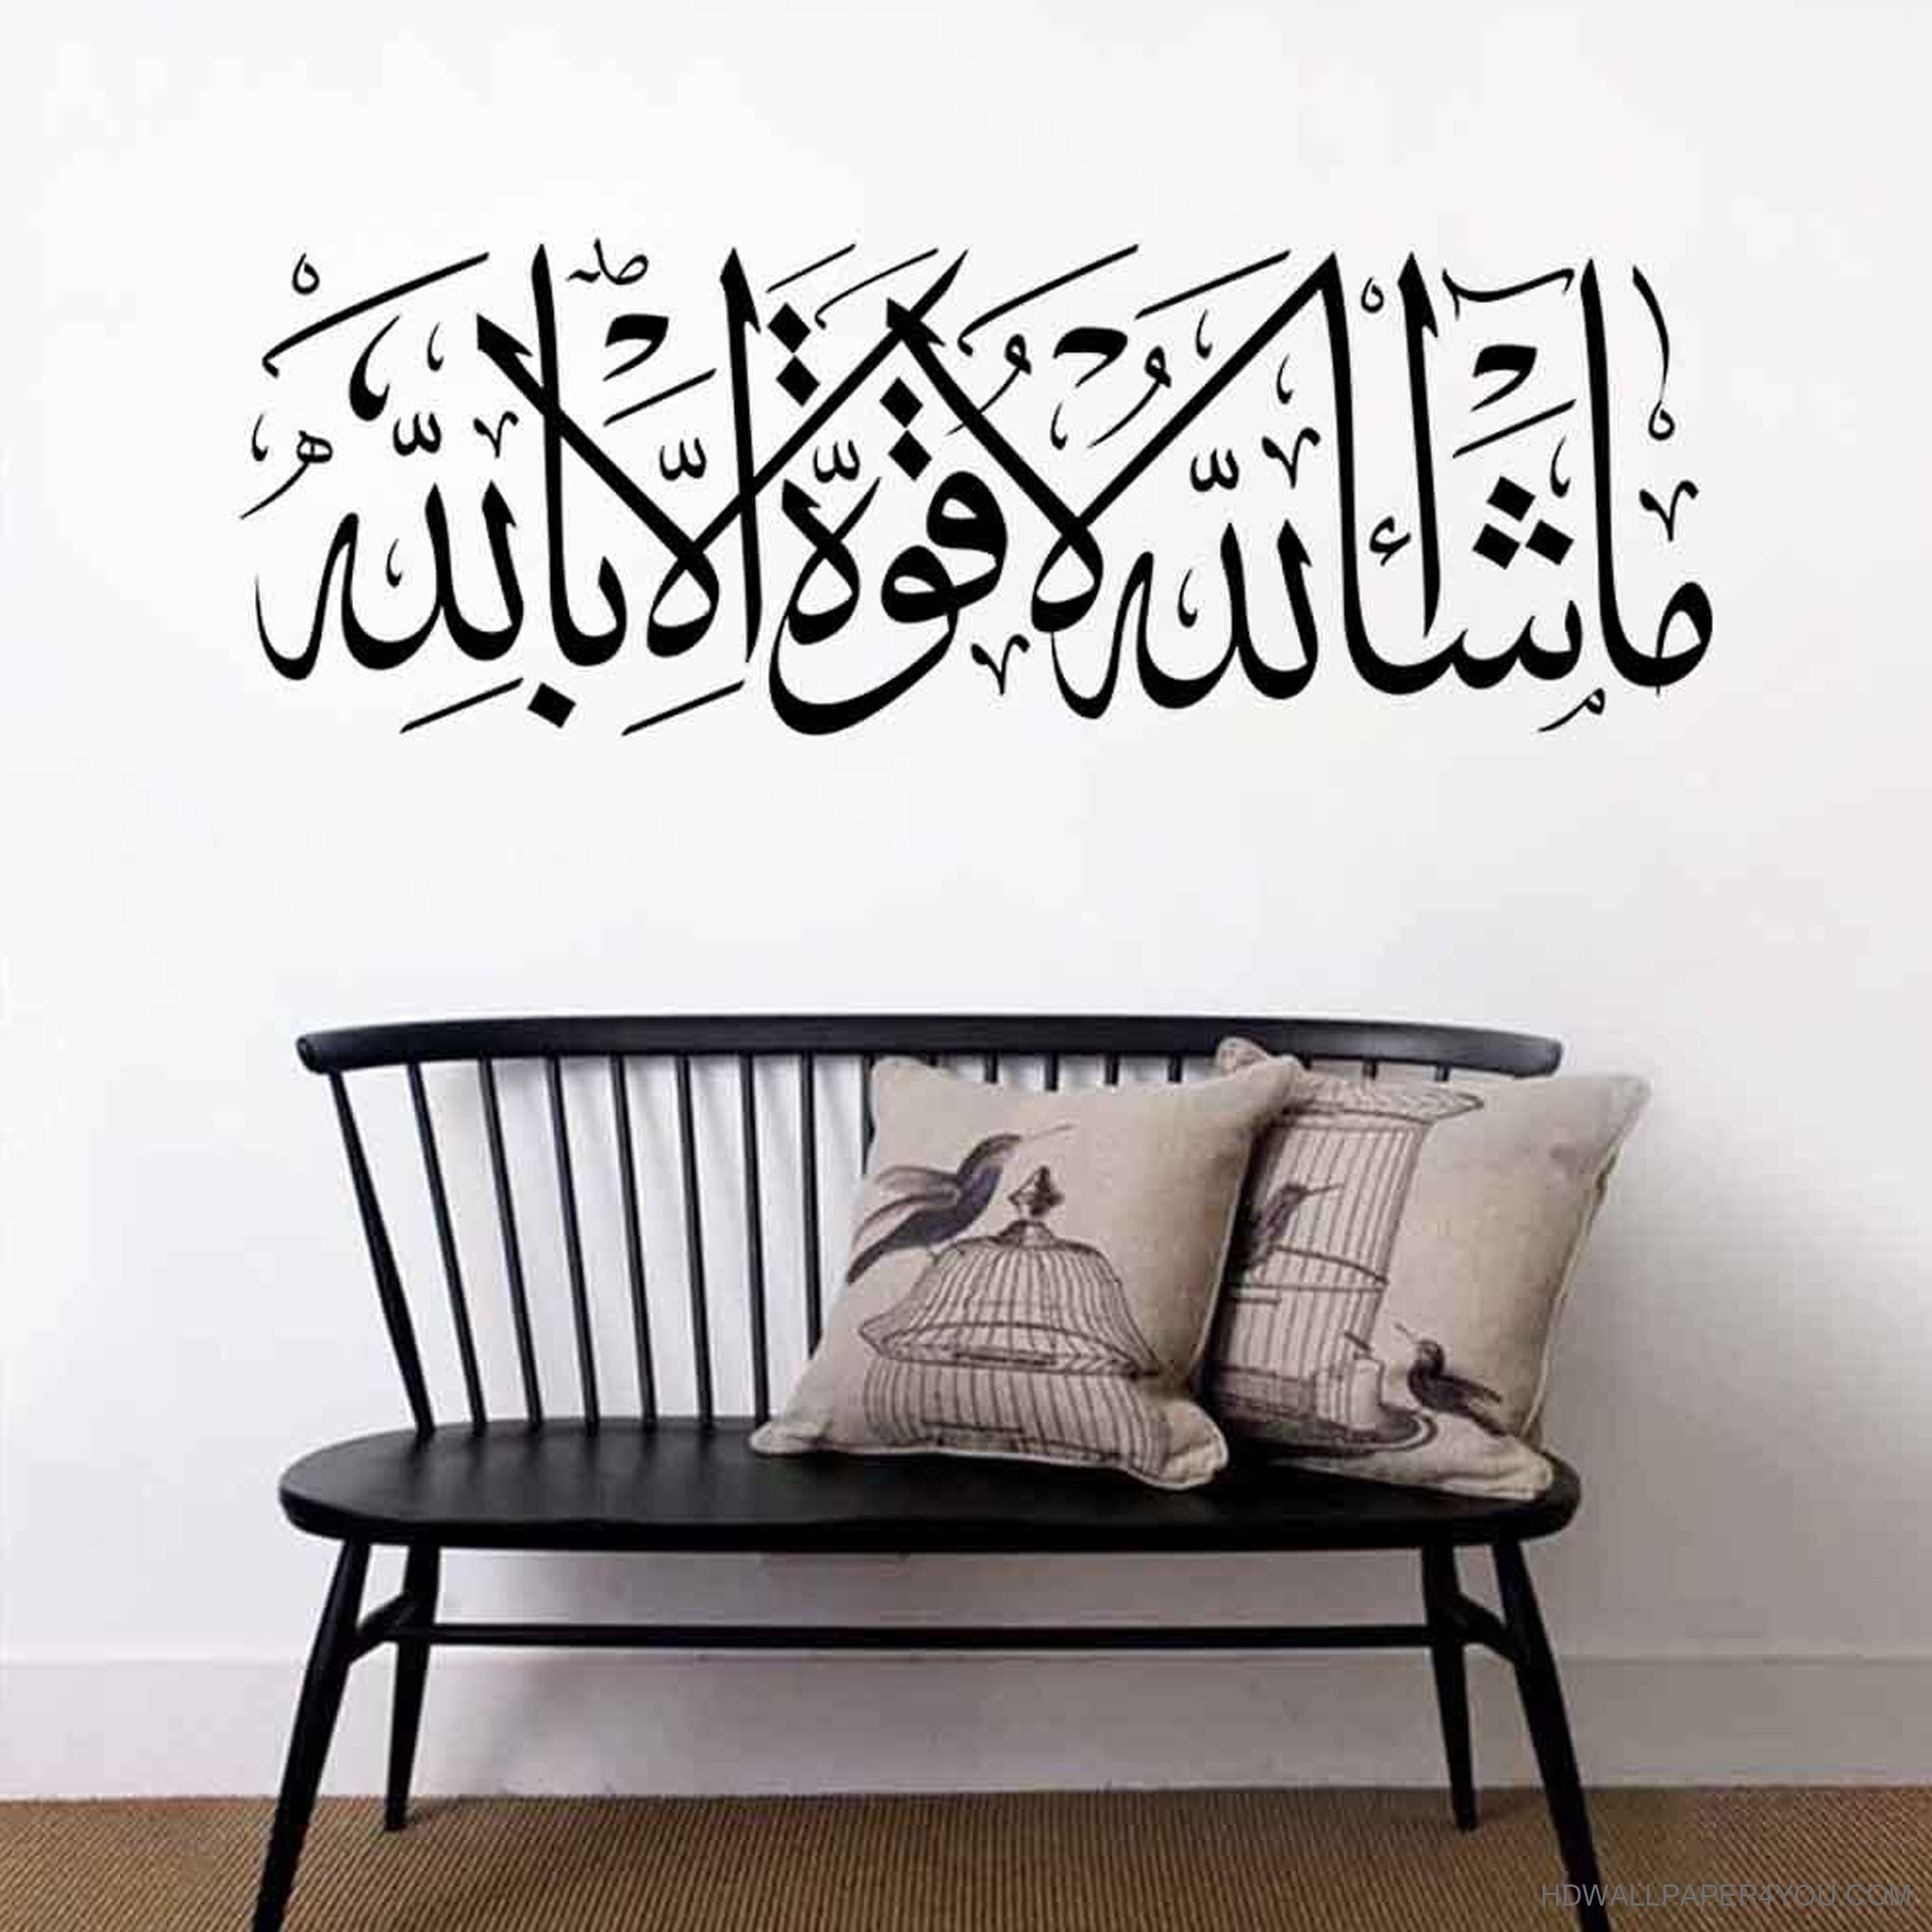 خلفيات شاشة دينية ماشاء الله لاقوة الا بالله Islamic Wallpapers صور خلفيات عالية الدقة Hd Wallpapers